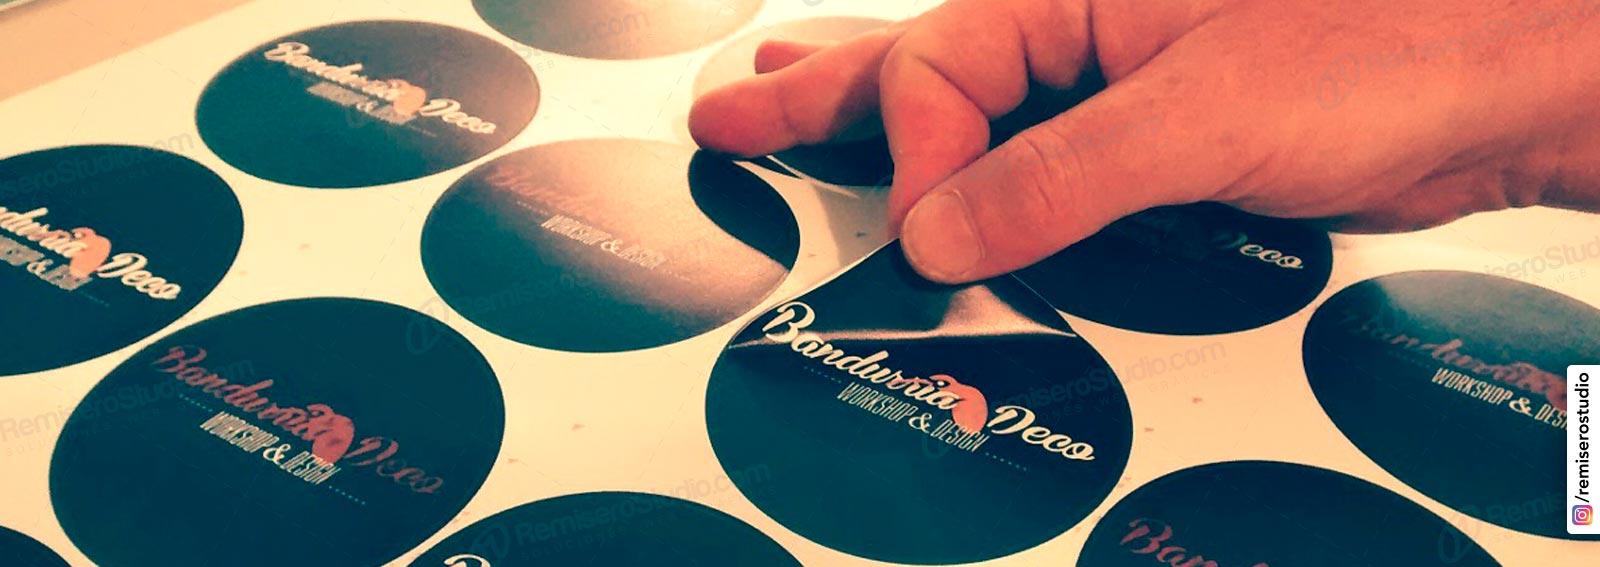 Etiquetas Autoadhesivas Impresión De Stickers Adhesivos En Lima Perú